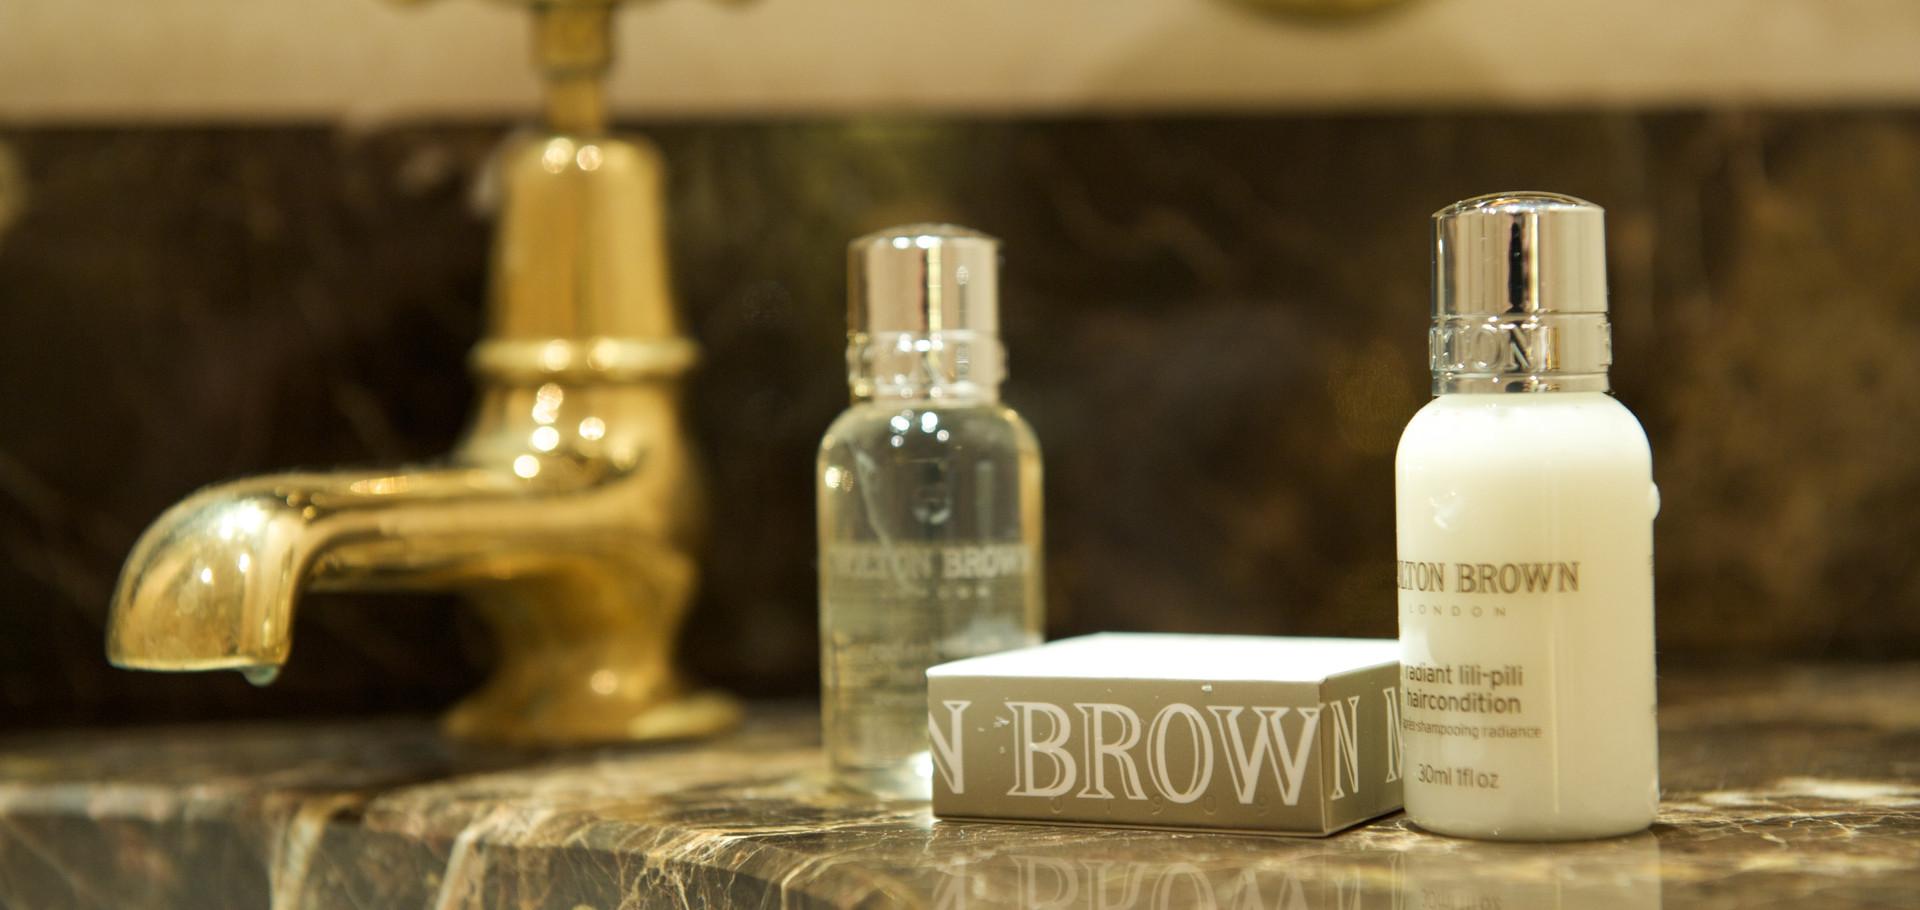 Molton Brown Toiletries